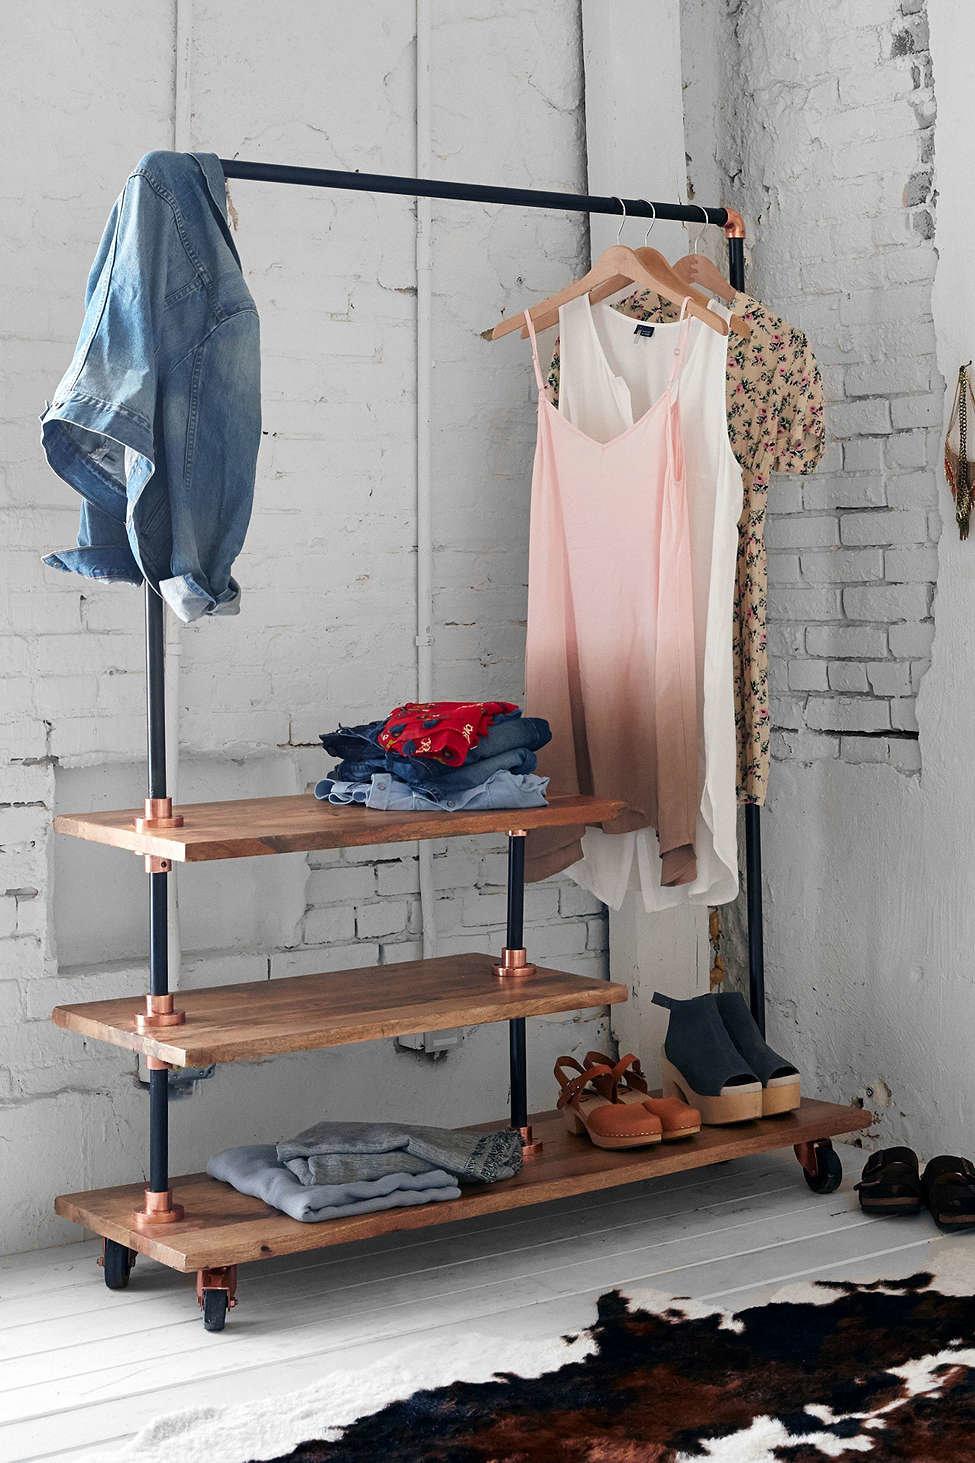 Мебель в стиле лофт : простые идеи для изготовления своими руками 30